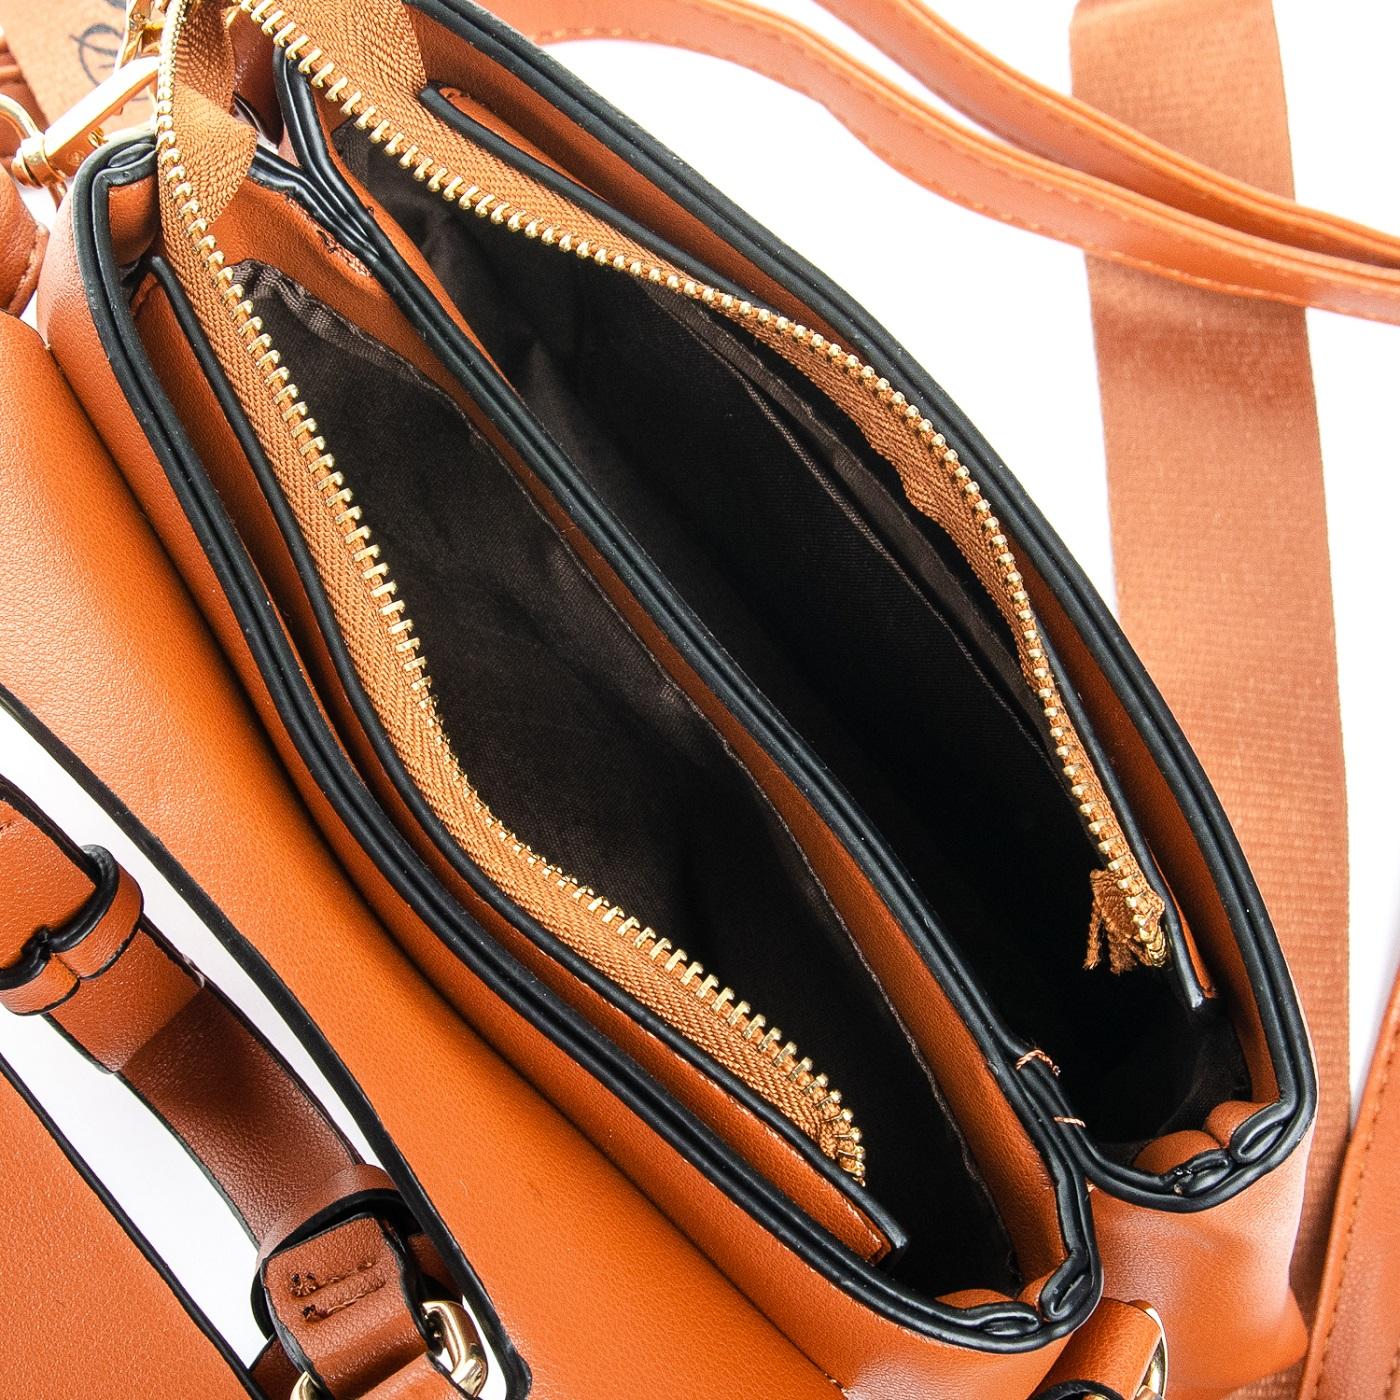 Сумка Женская Клатч иск-кожа FASHION 1-03 66027 brown - фото 5